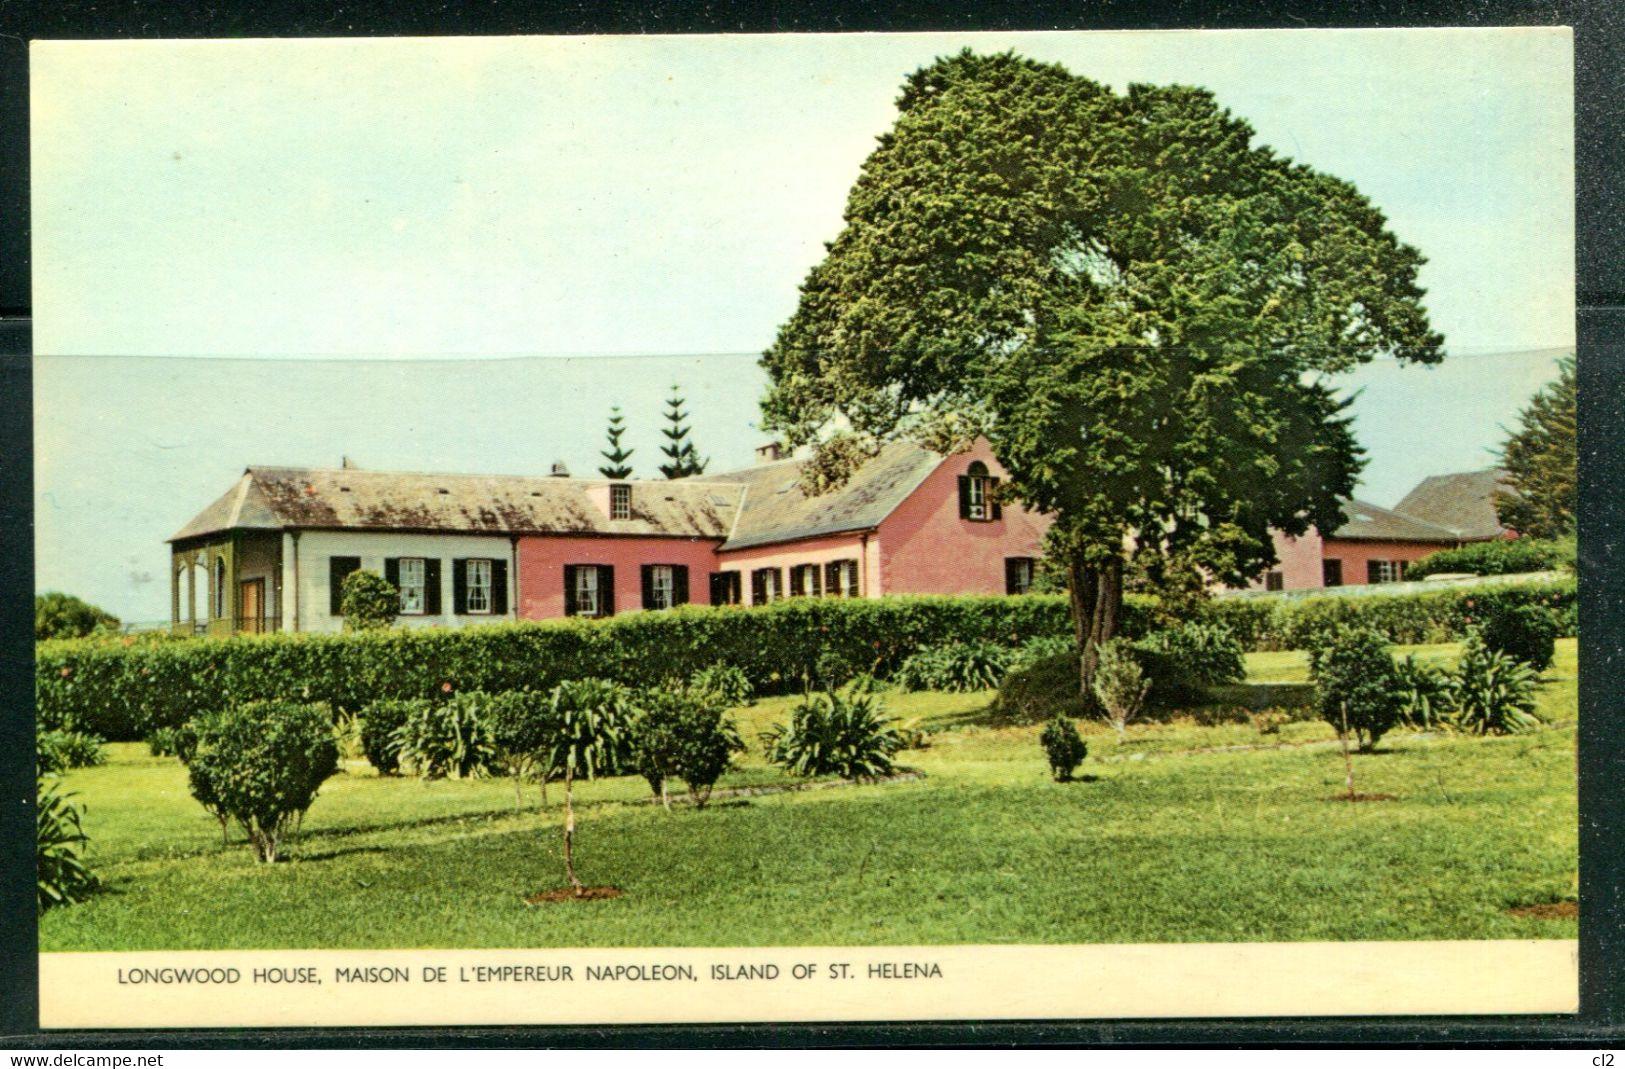 SAINTE HELENE - St. HELENA - Longwood House, Maison De L'Empereur NAPOLEON (carte Vierge) - Saint Helena Island